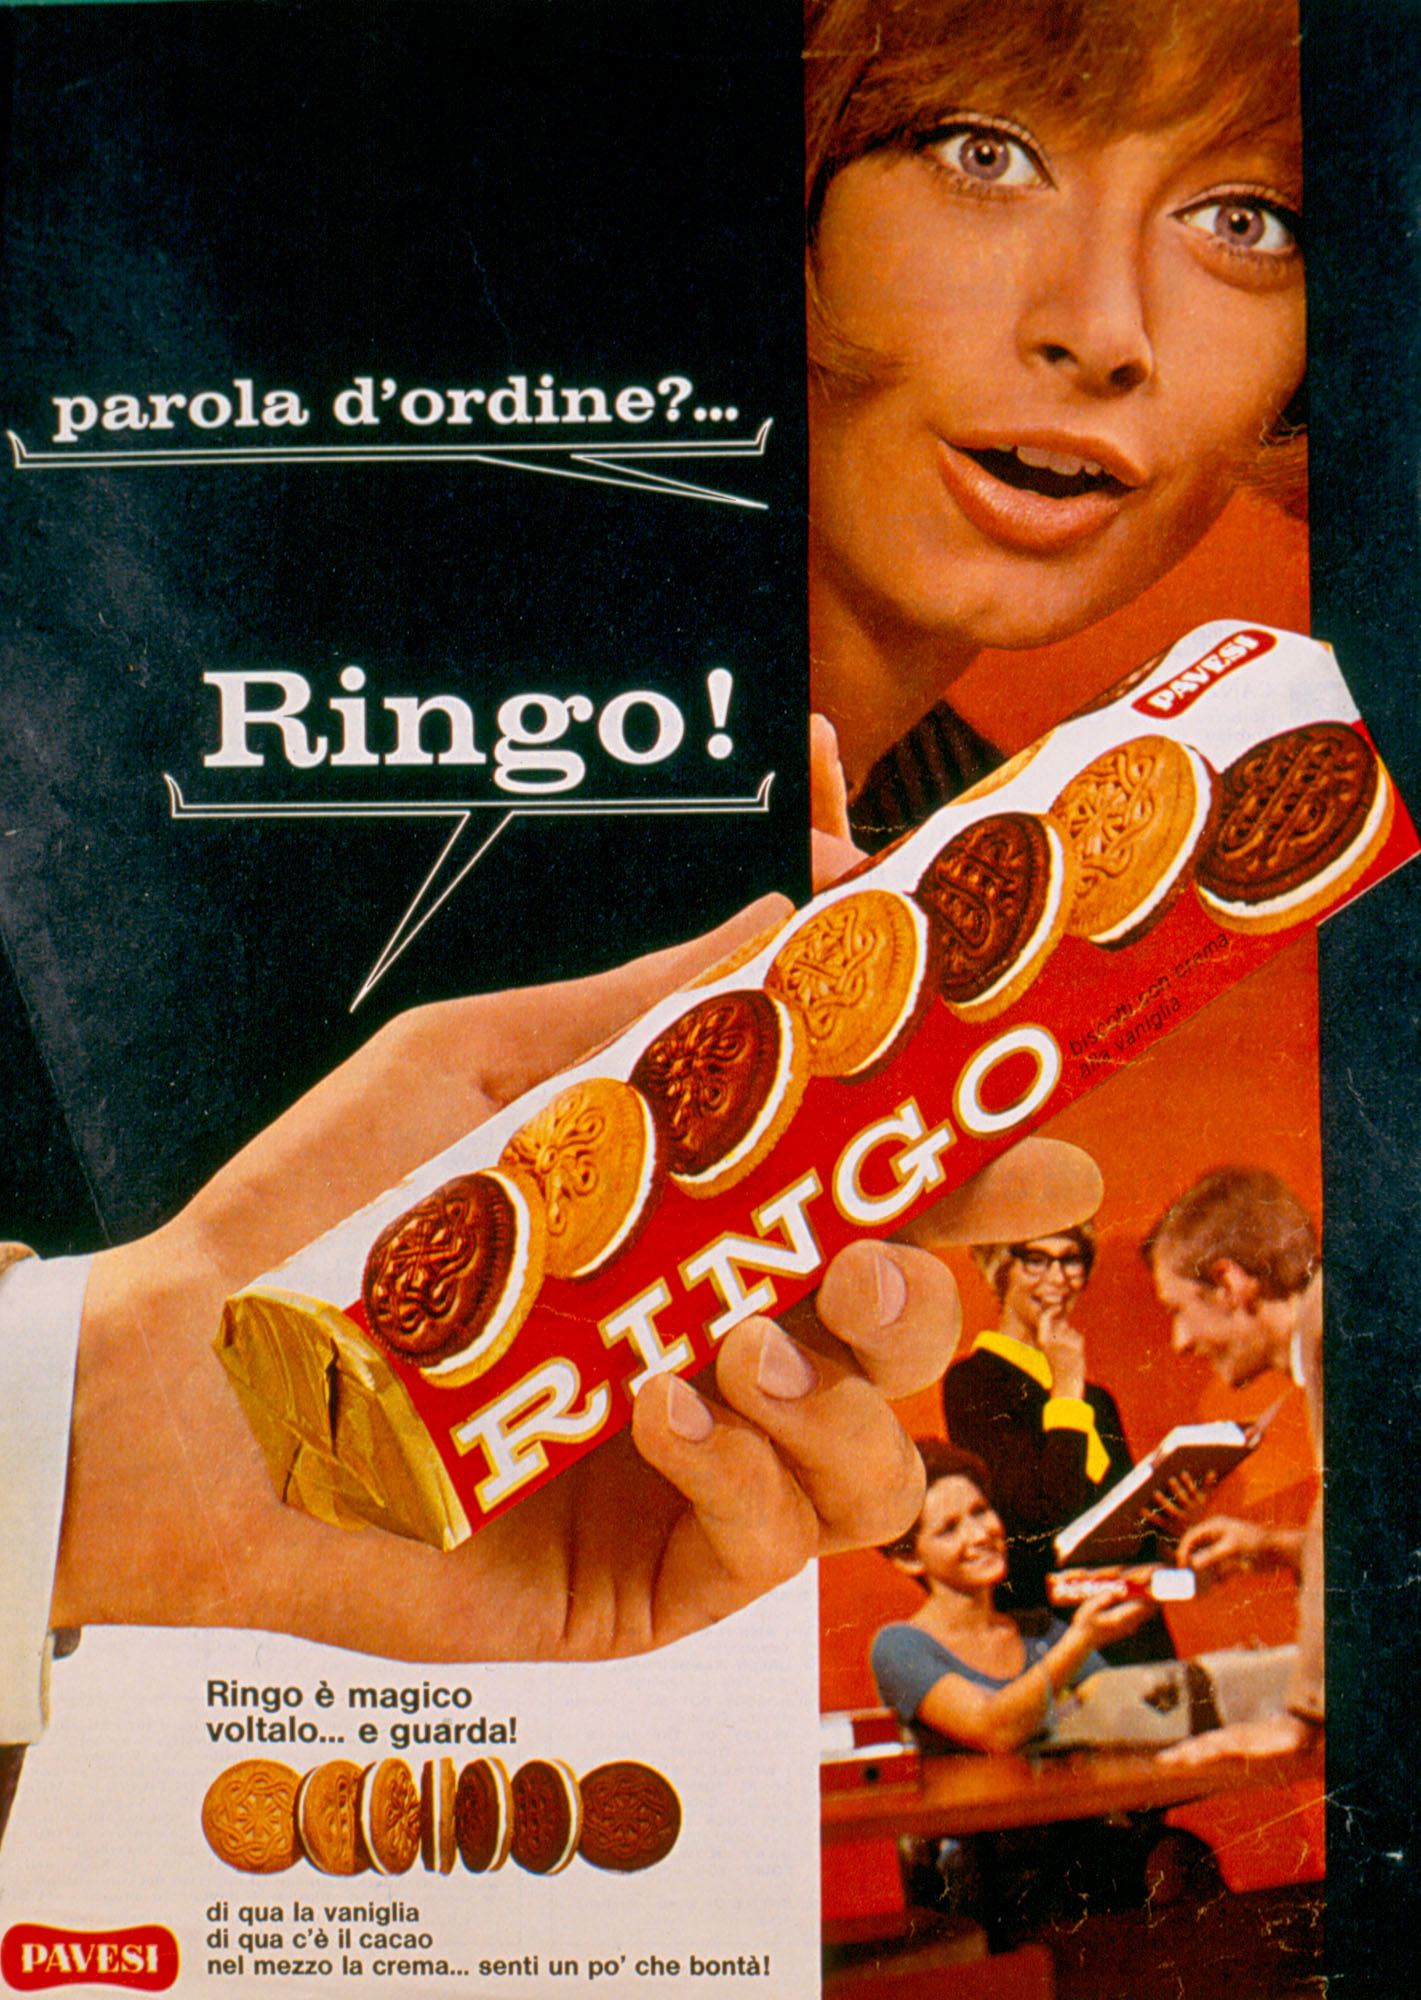 Press advertising - Parola d'ordine_Ringo!, 1969 [Password_Ringo!, 1969]